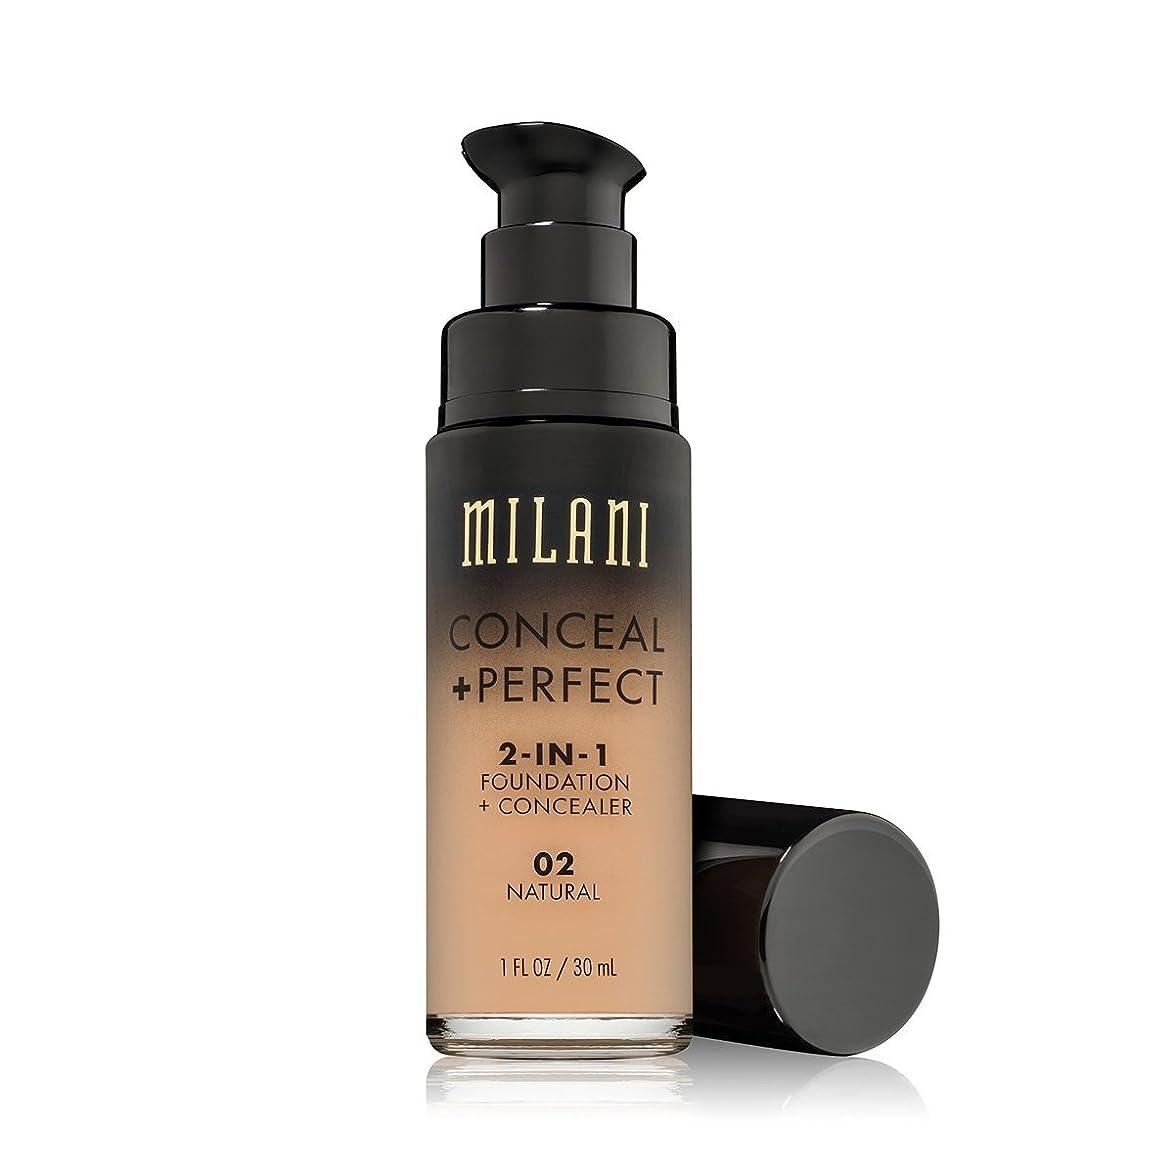 財産トラック浜辺MILANI Conceal + Perfect 2-In-1 Foundation + Concealer - Natural (並行輸入品)